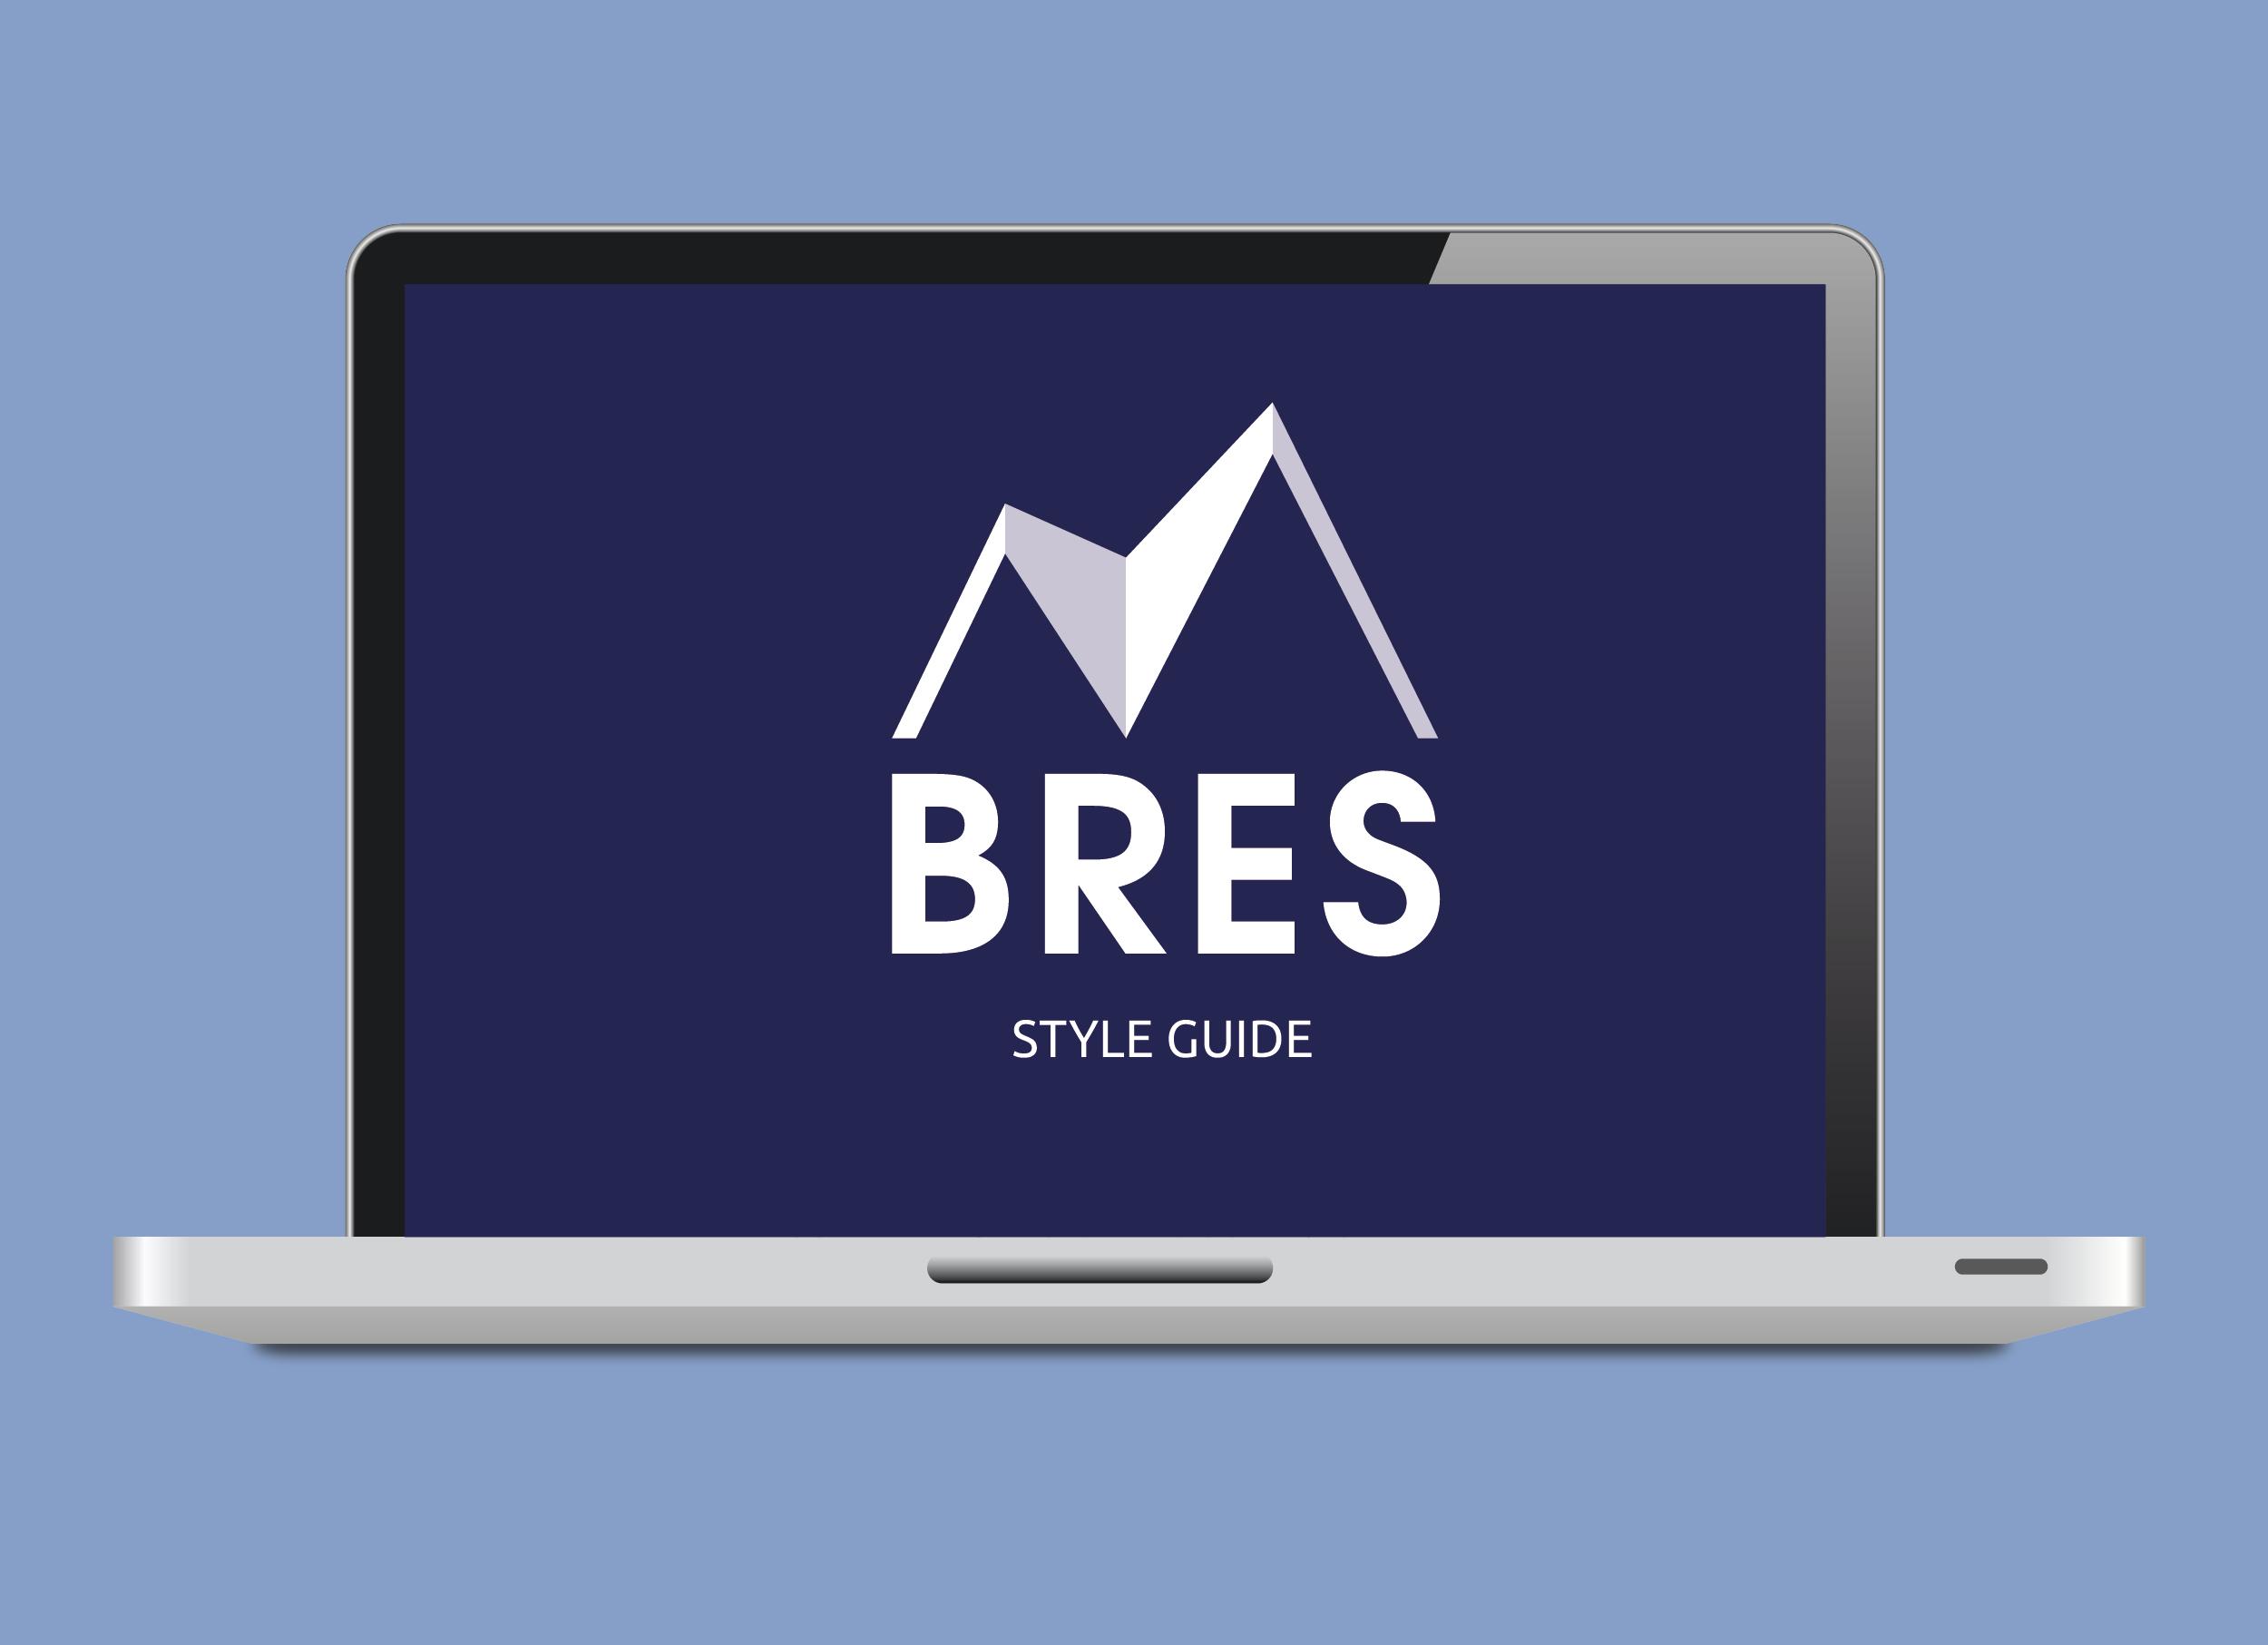 bres-01